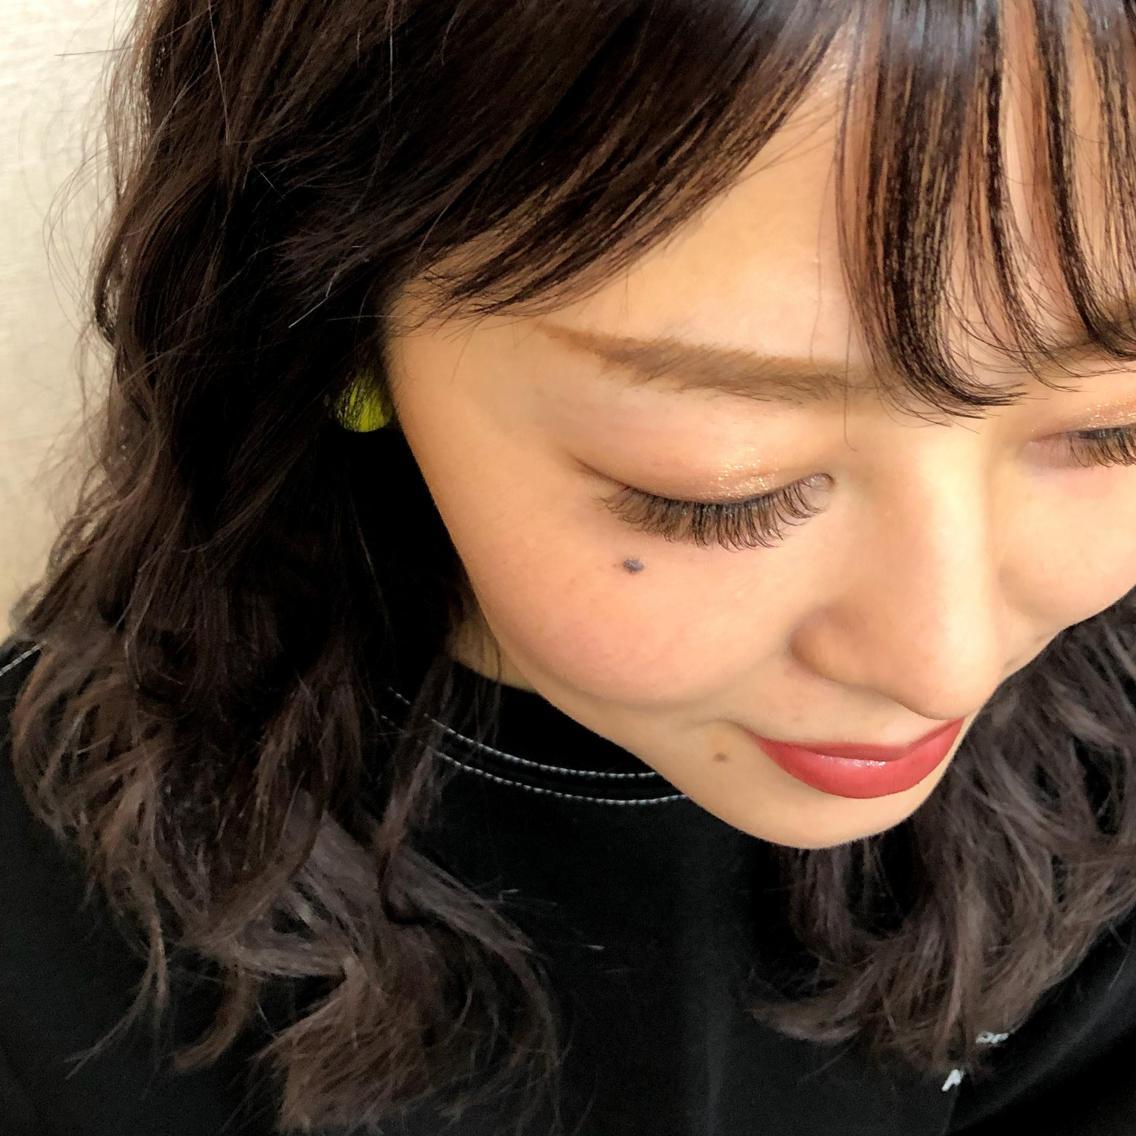 マツエクサロン Mic 天神店所属・安田 の掲載